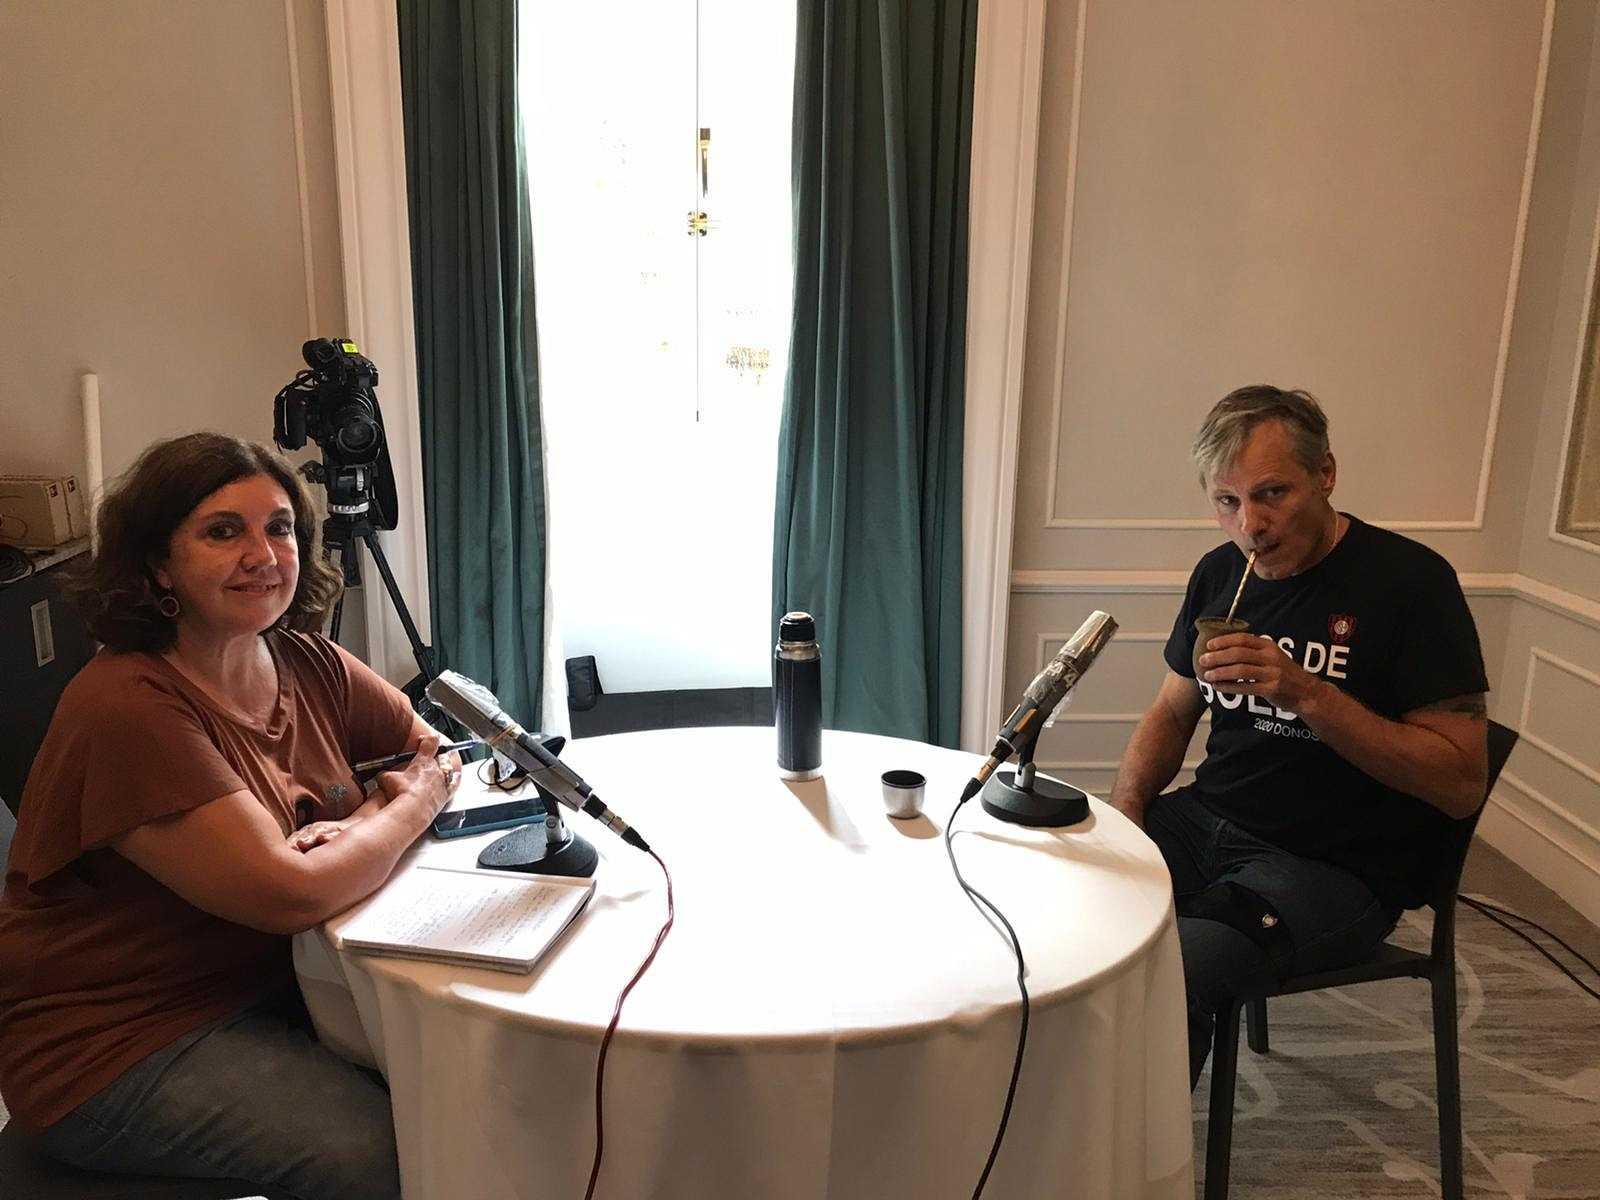 Va de cine - Viggo Mortensen - 26/09/20 - Escuchar ahora